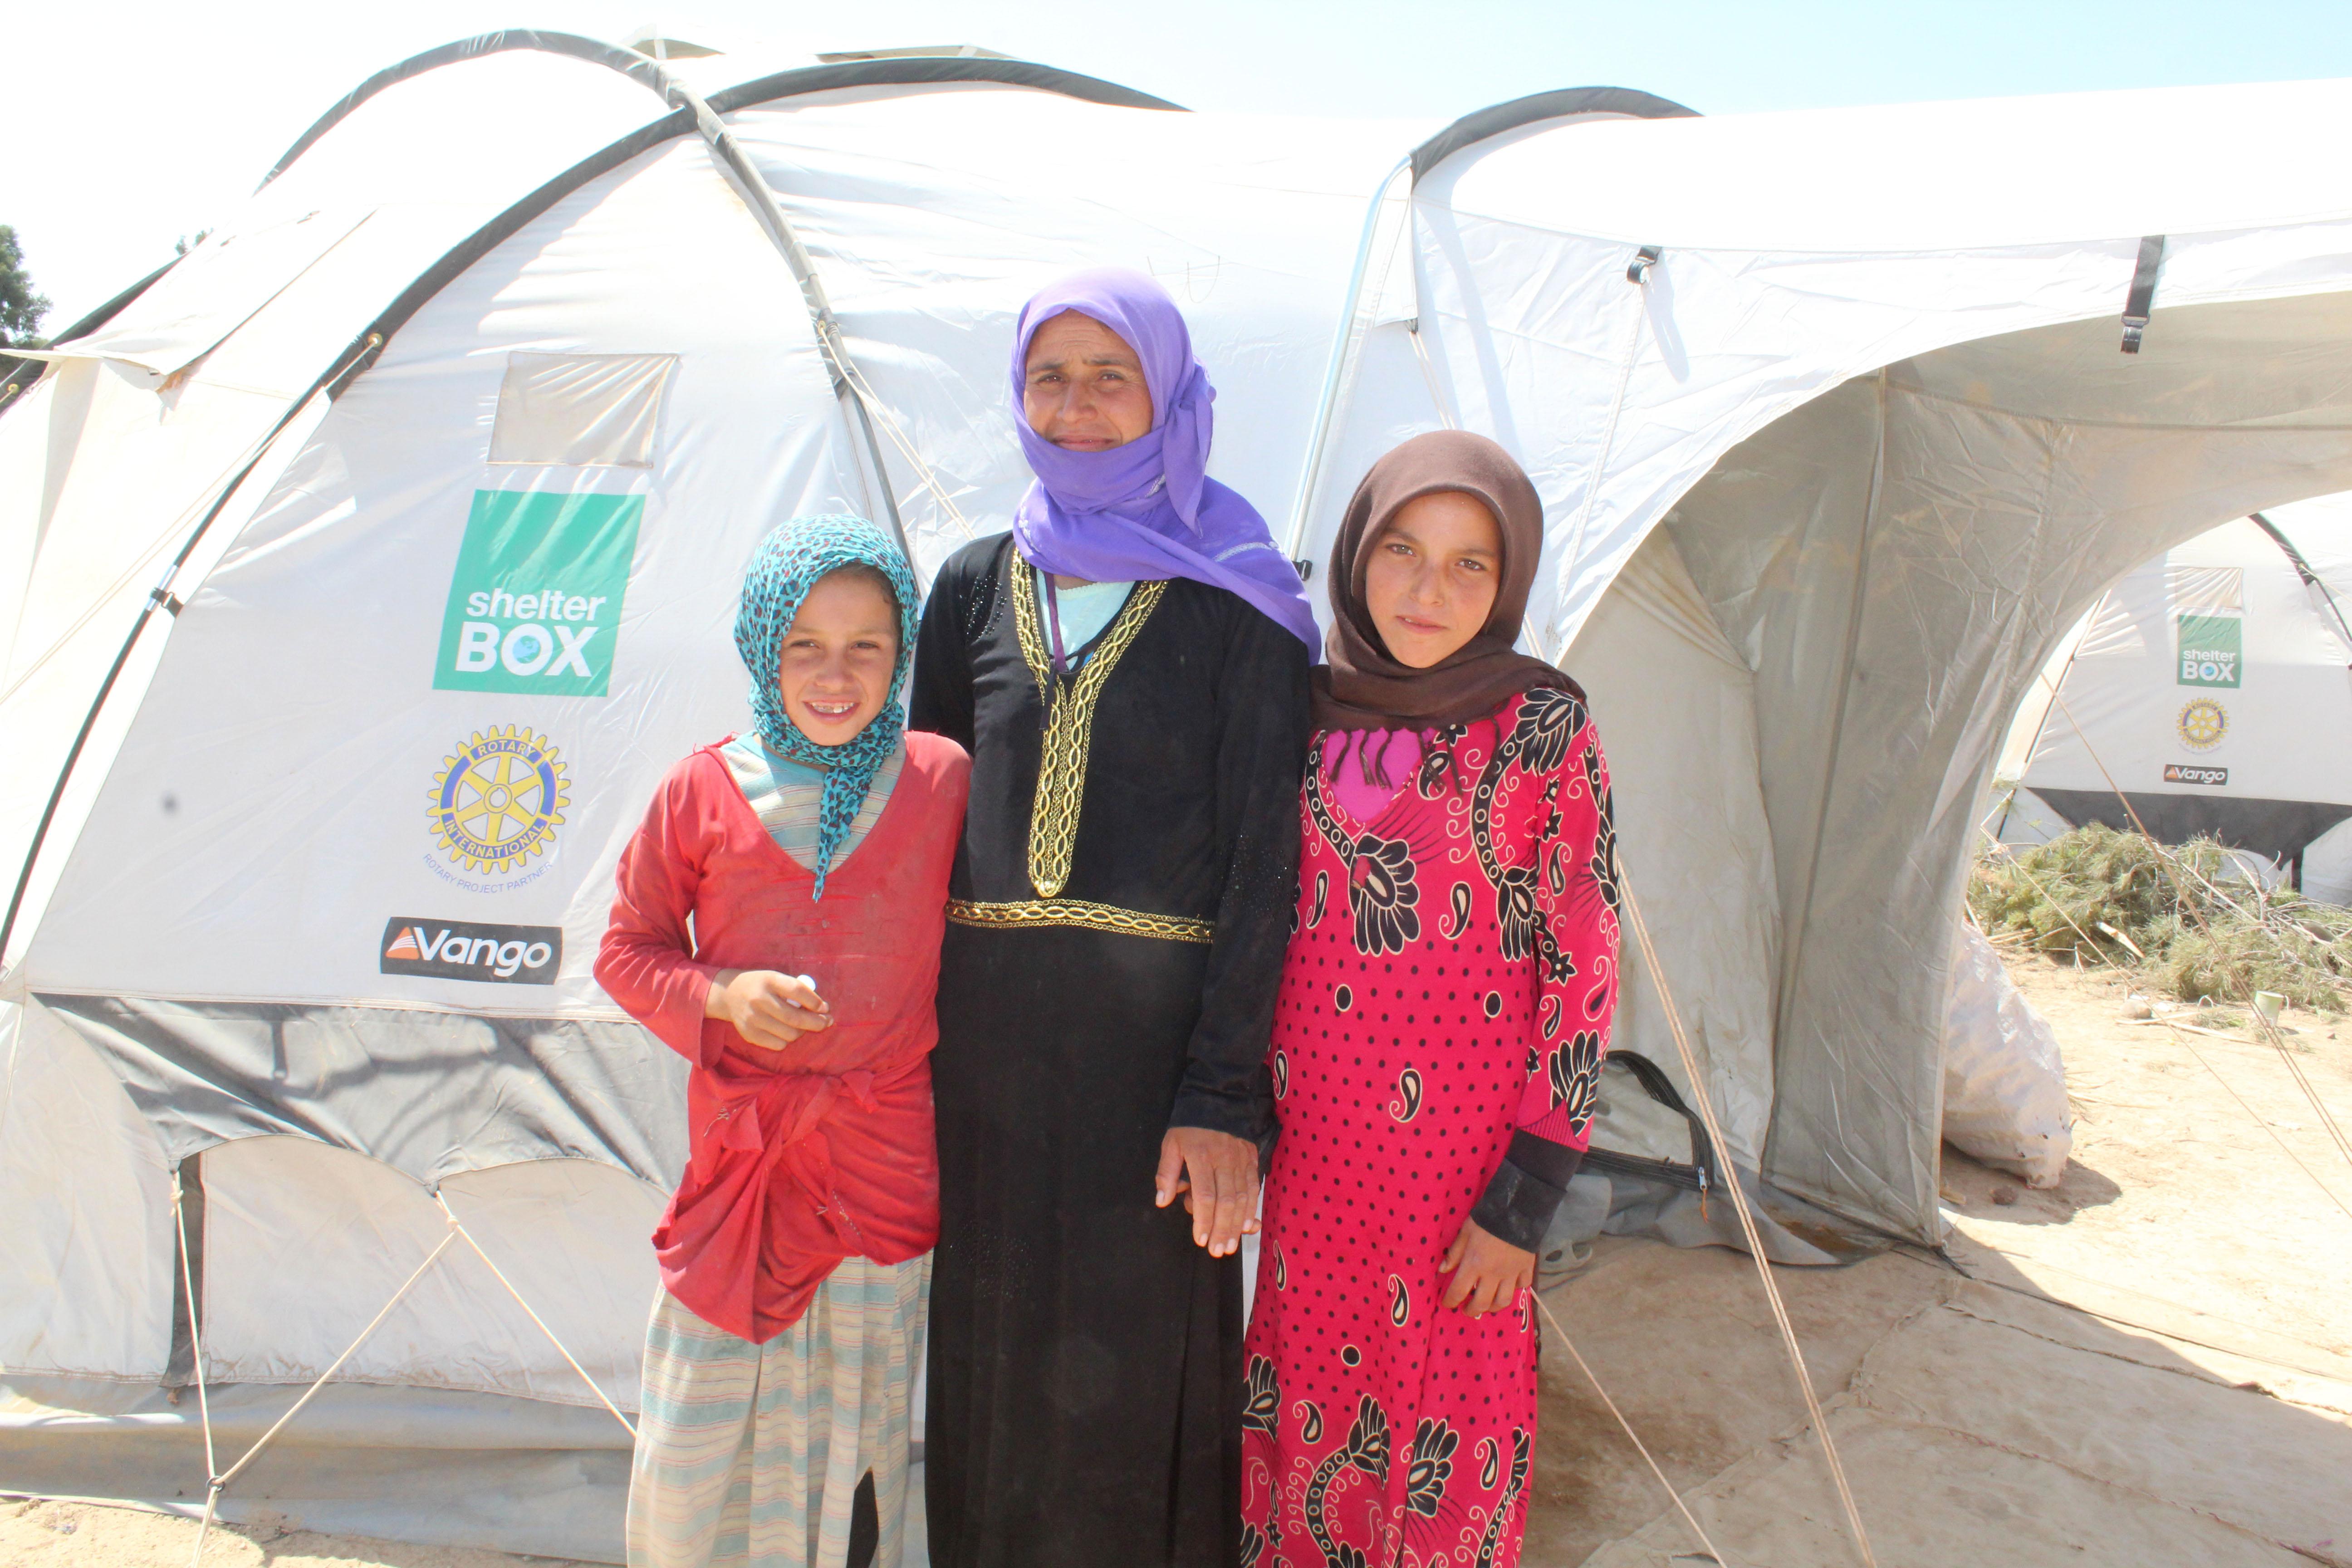 ShelterBox NZ international aid in Syria